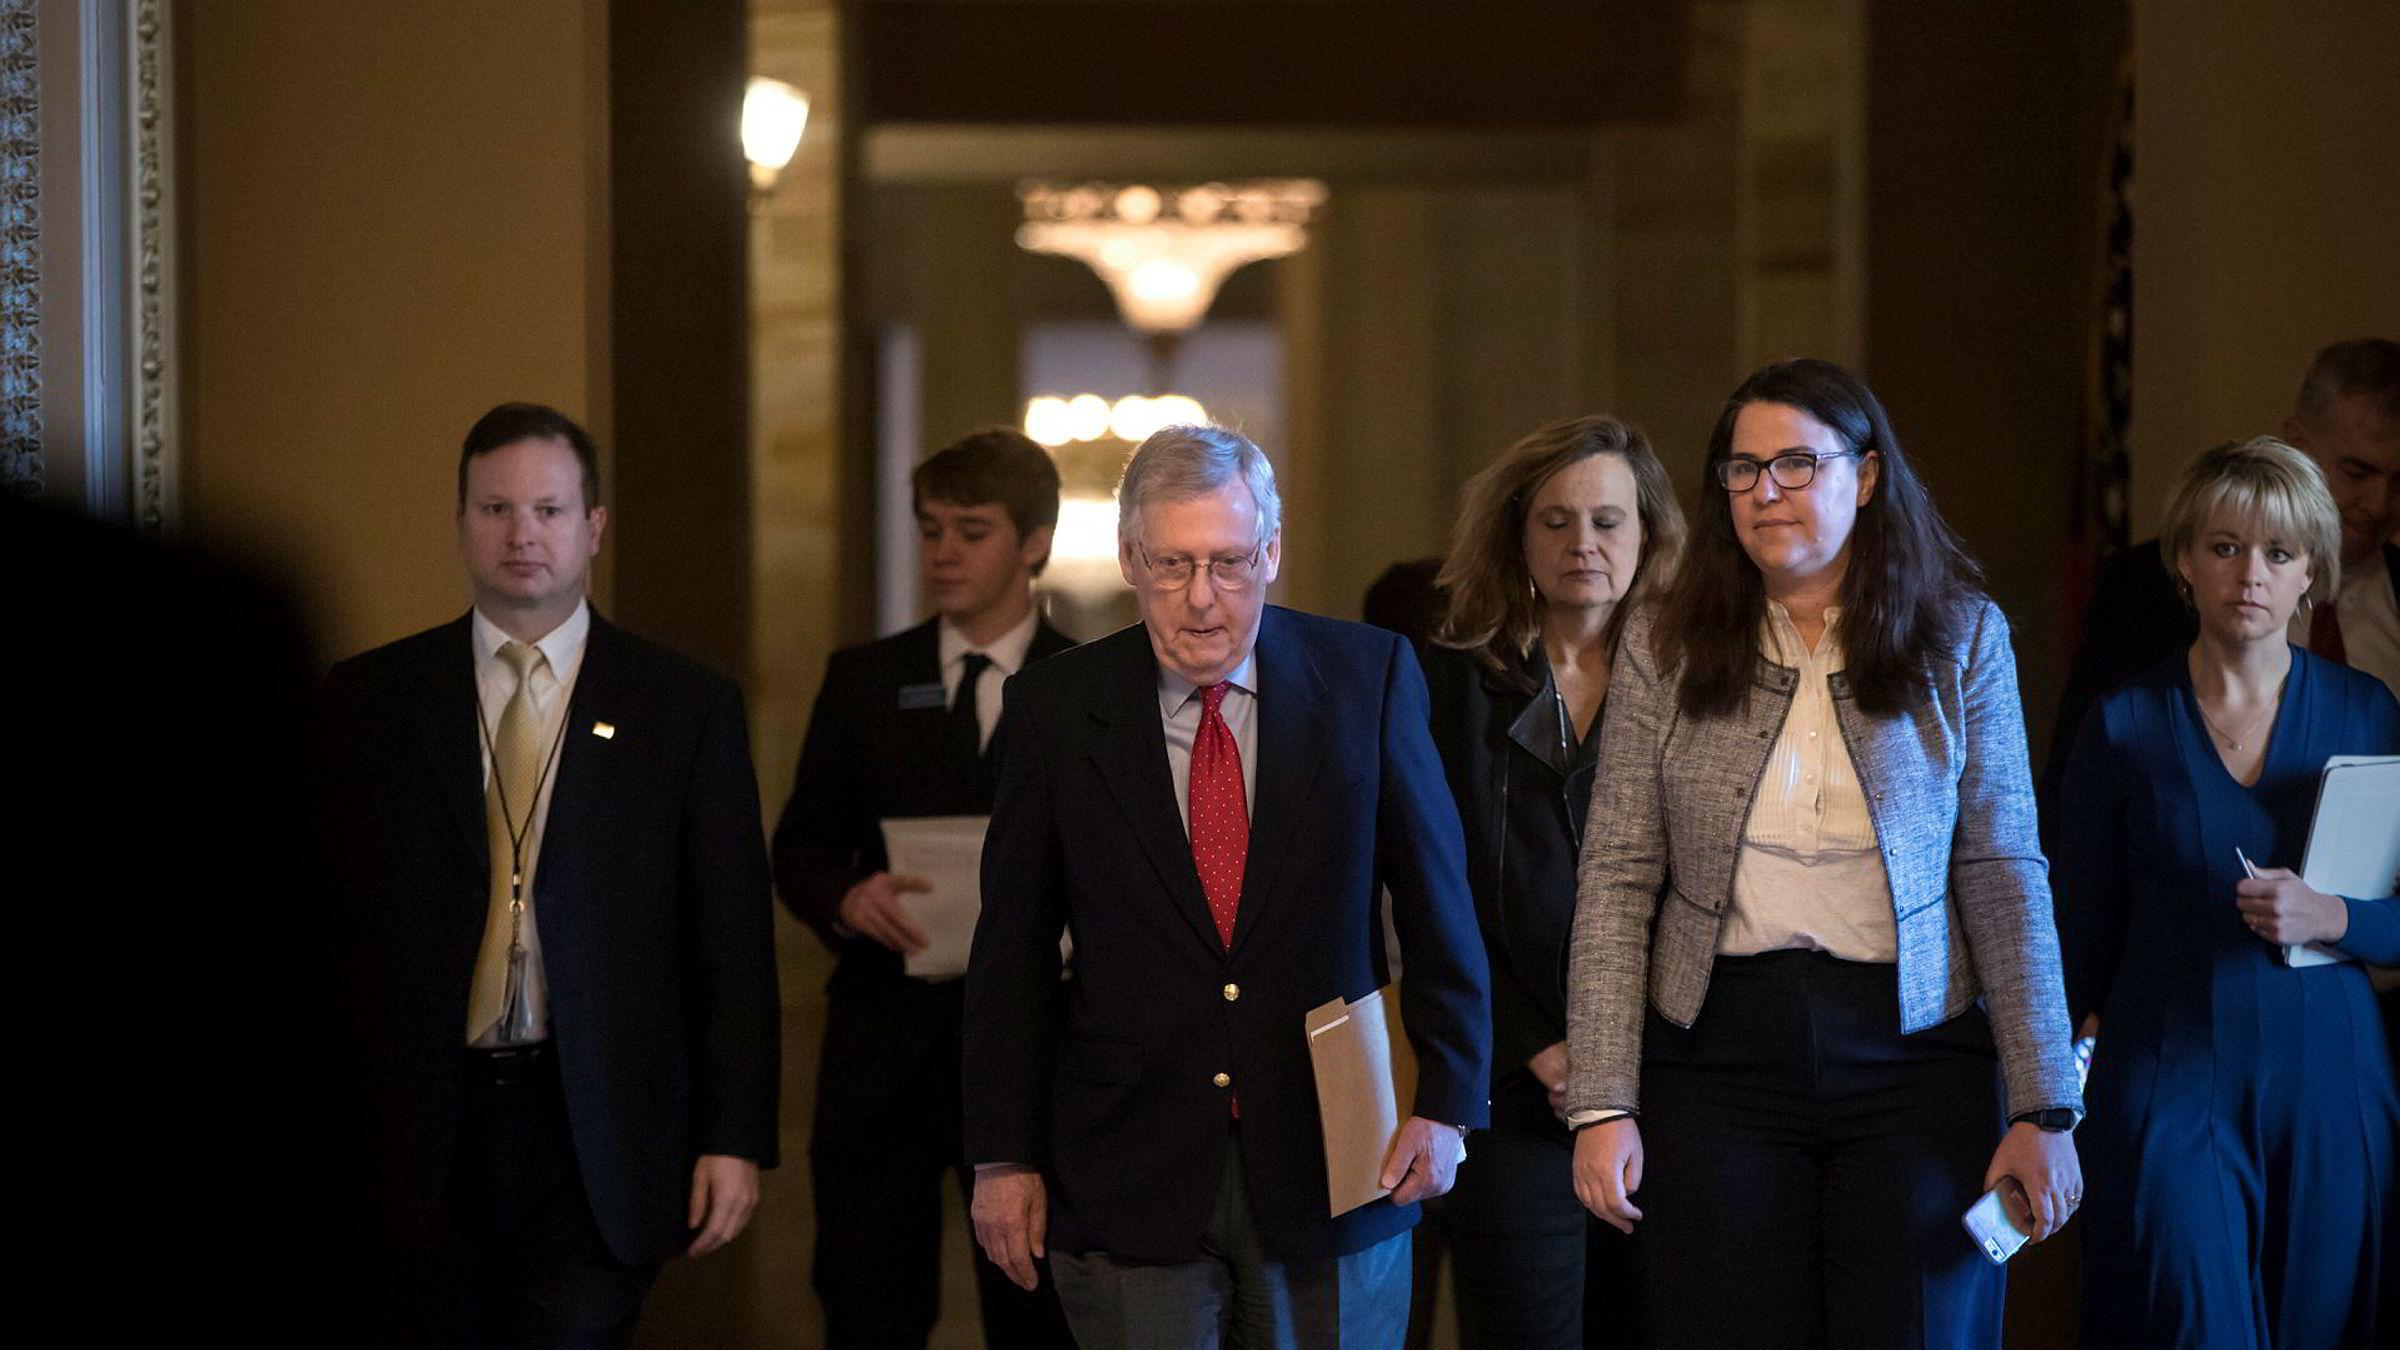 Republikanernes leder i Senatet, Mitch McConnell, vil forhandle med Demokratene for å få slutt på budsjettkrisen.